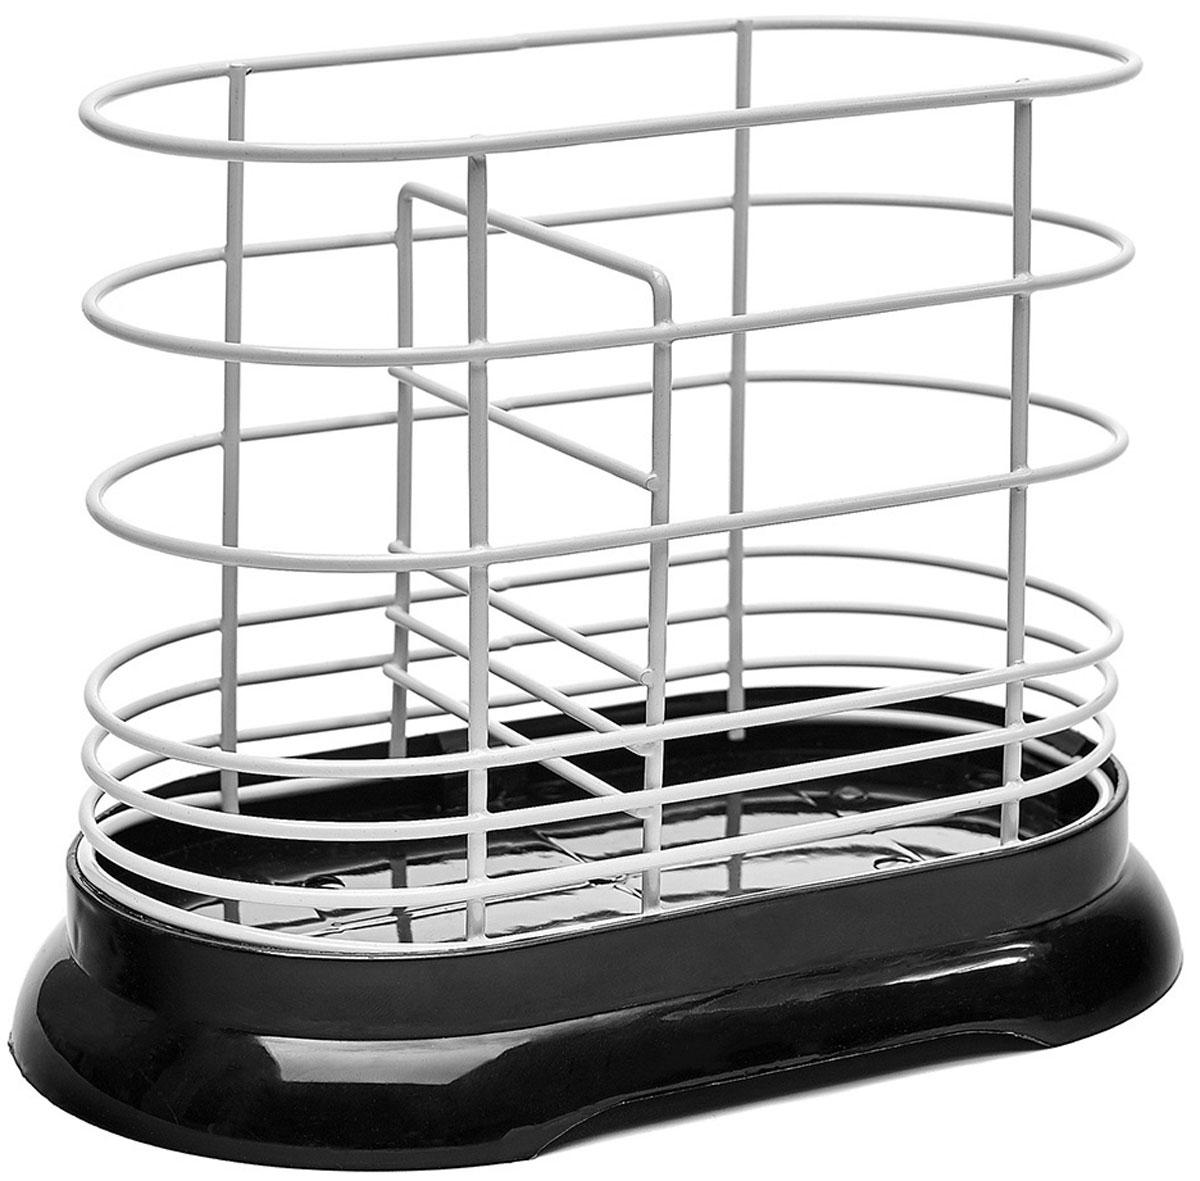 Подставка для столовых приборов Walmer, цвет: черный, 16 x 8,5 x 13,5 смW14161386